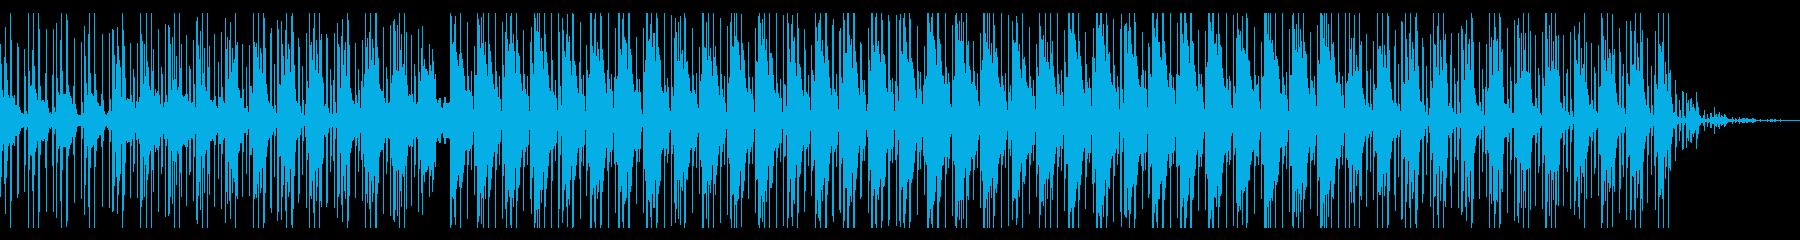 明るくて爽やかなリズムが心地良いBGMの再生済みの波形